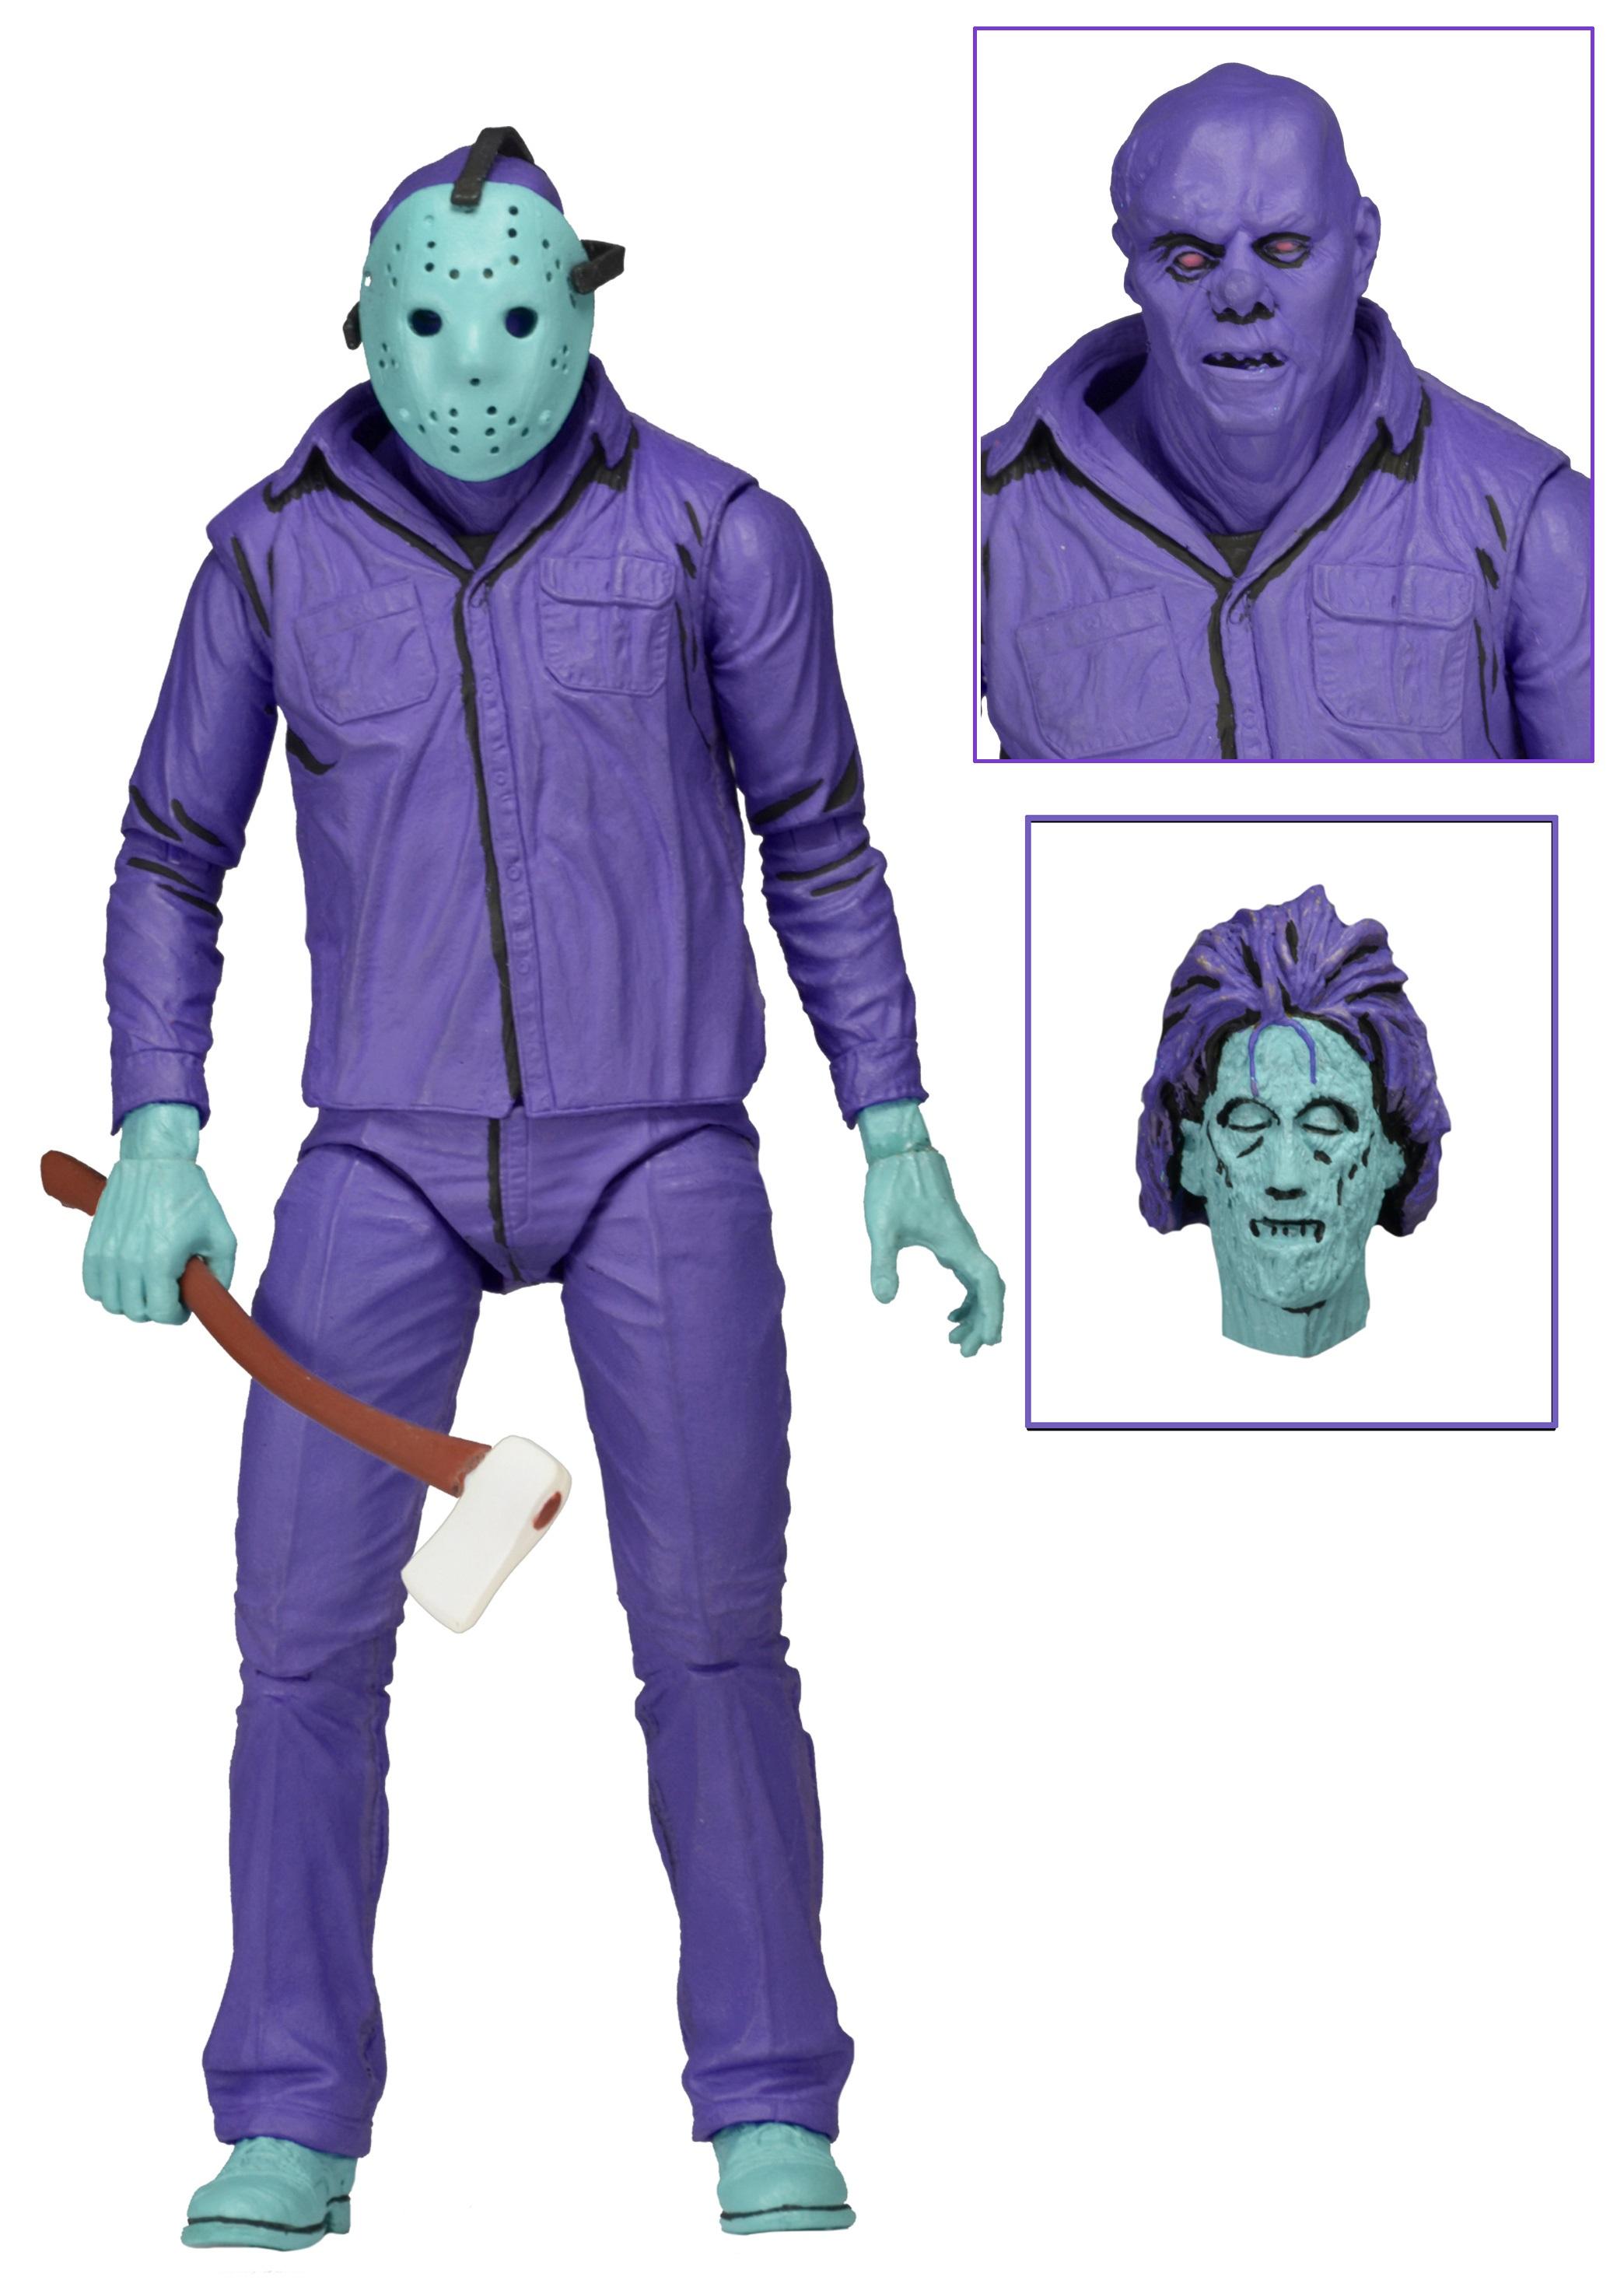 Фигурка Friday the 13th. Jason со звуком (17 см)Представляем вашему вниманию фигурку Friday the 13th. Jason со звуком, воплощающую собой Джейсона из видеоигры «Пятница, 13-е», выпущенной в 1989 году для популярной 8-битной домашней консоли.<br>